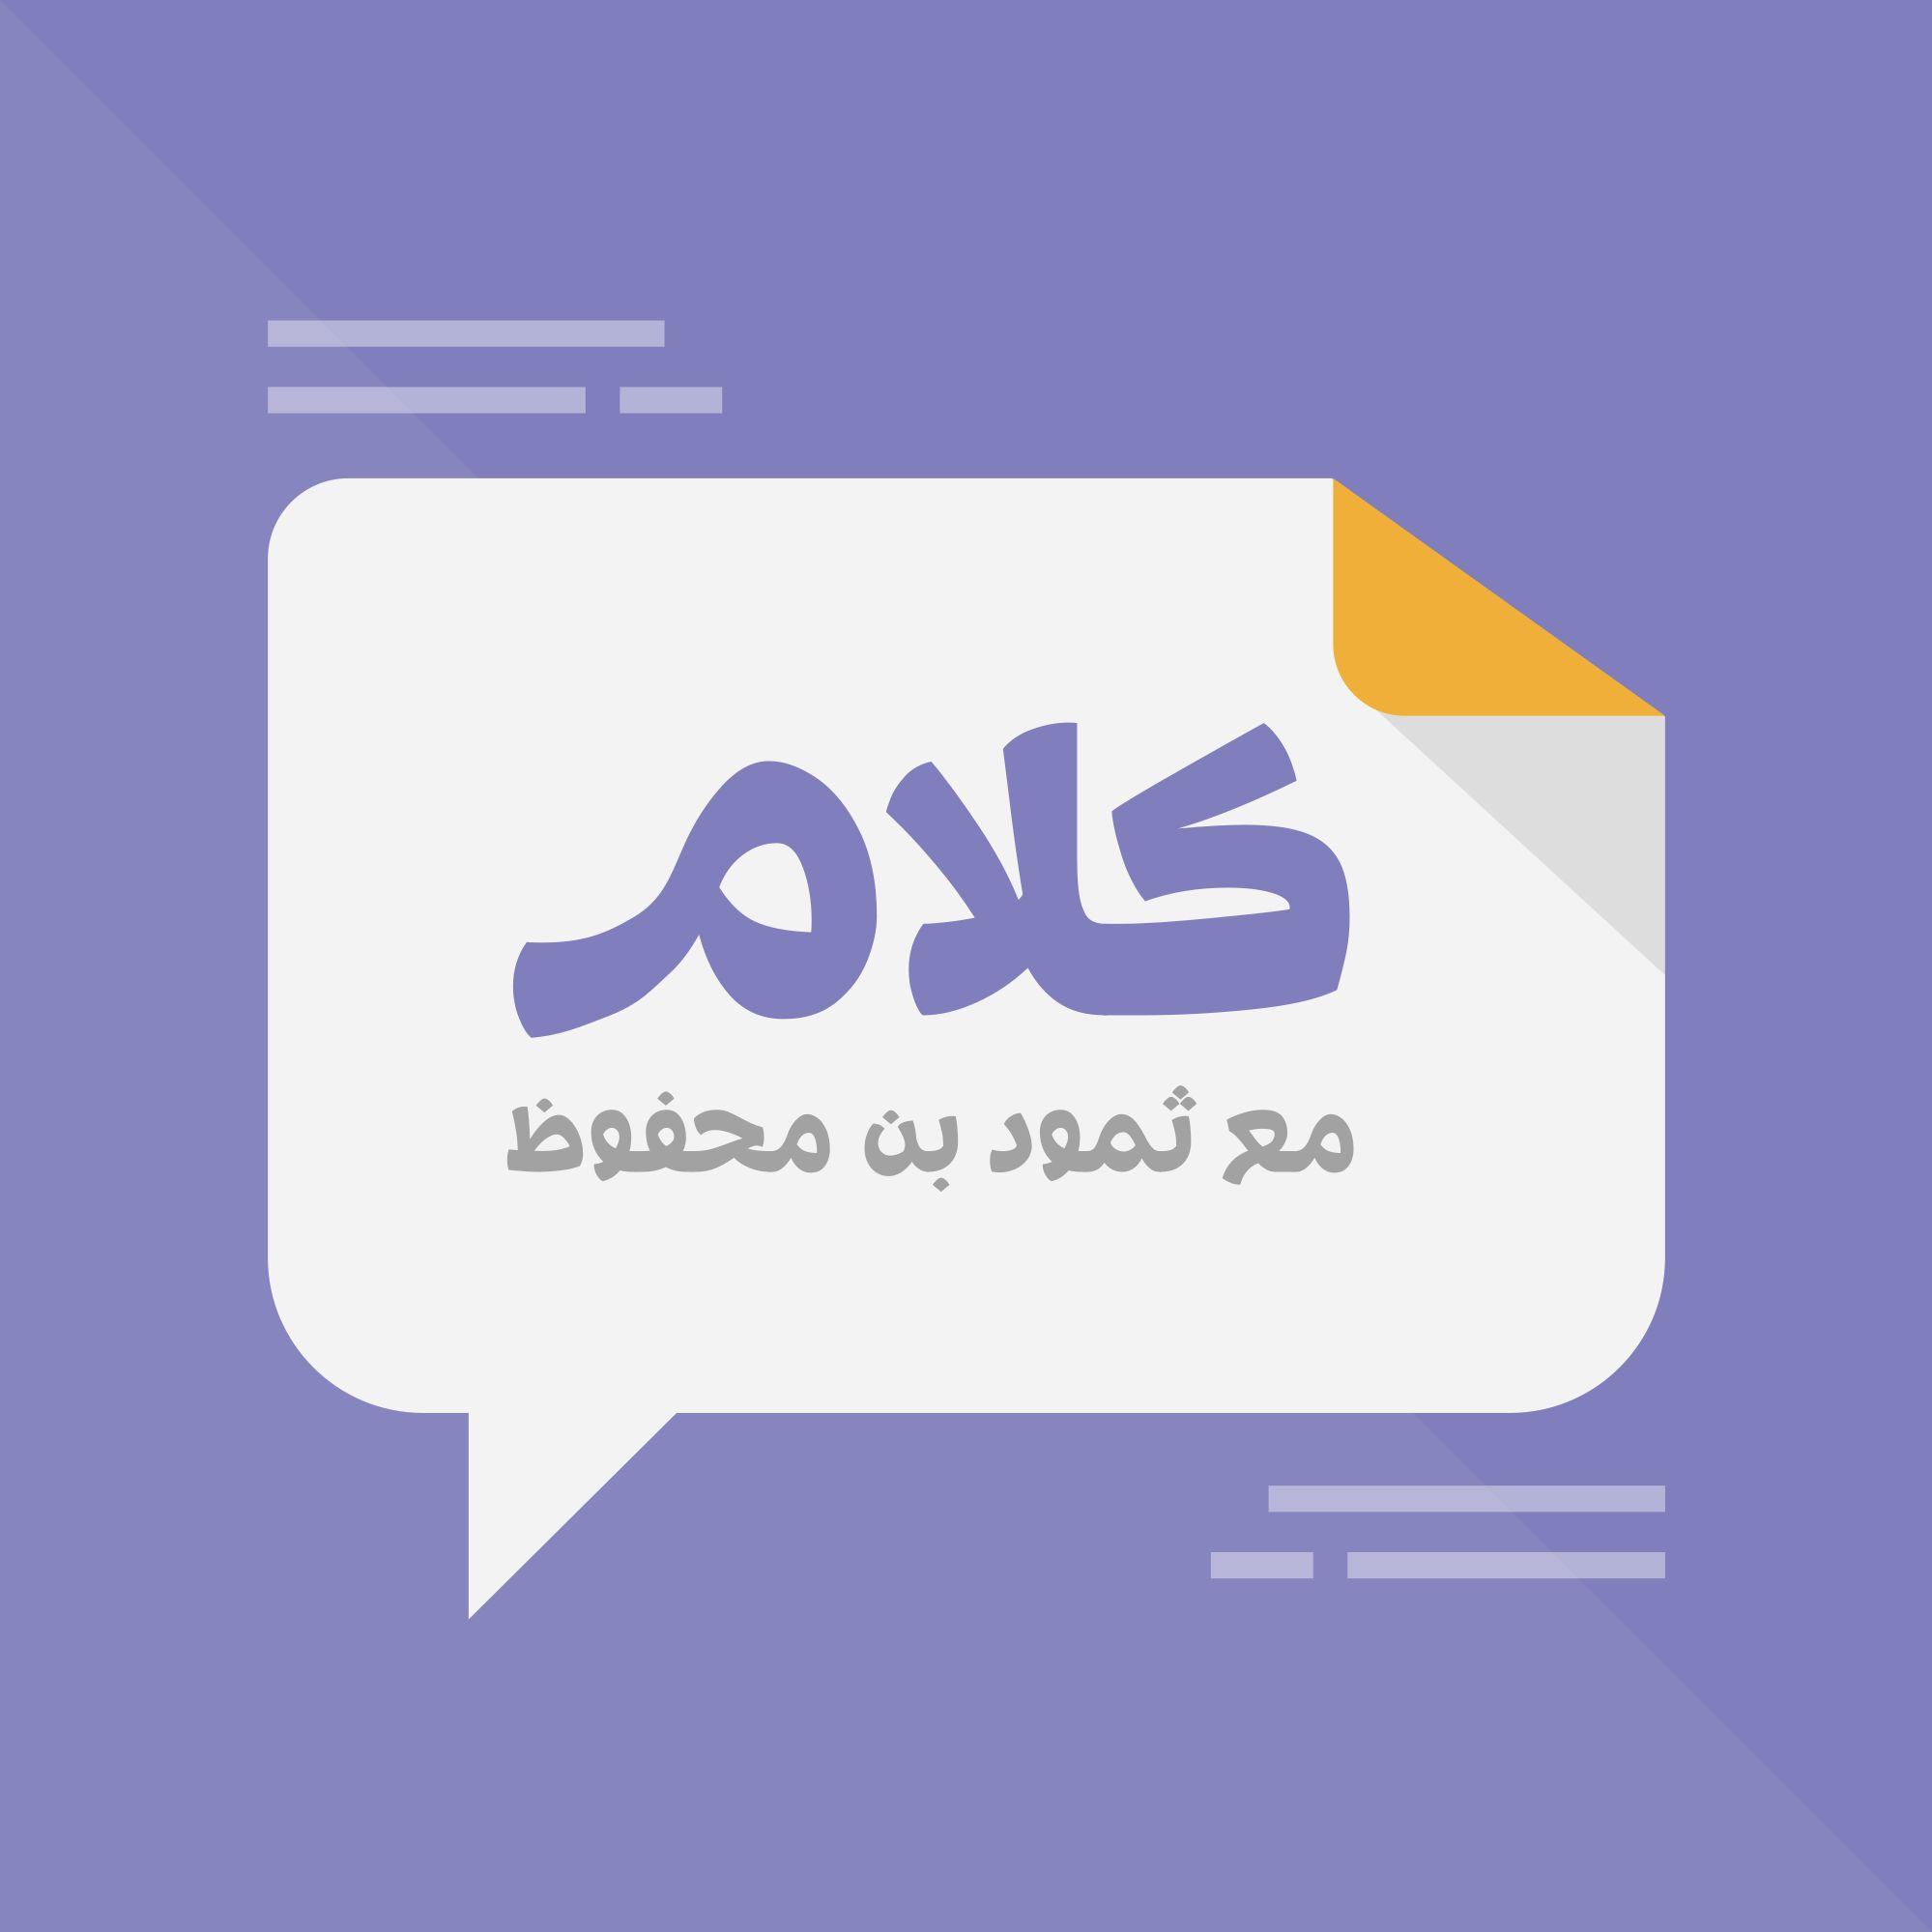 كلام 70: سعود الخميس من تيلرز